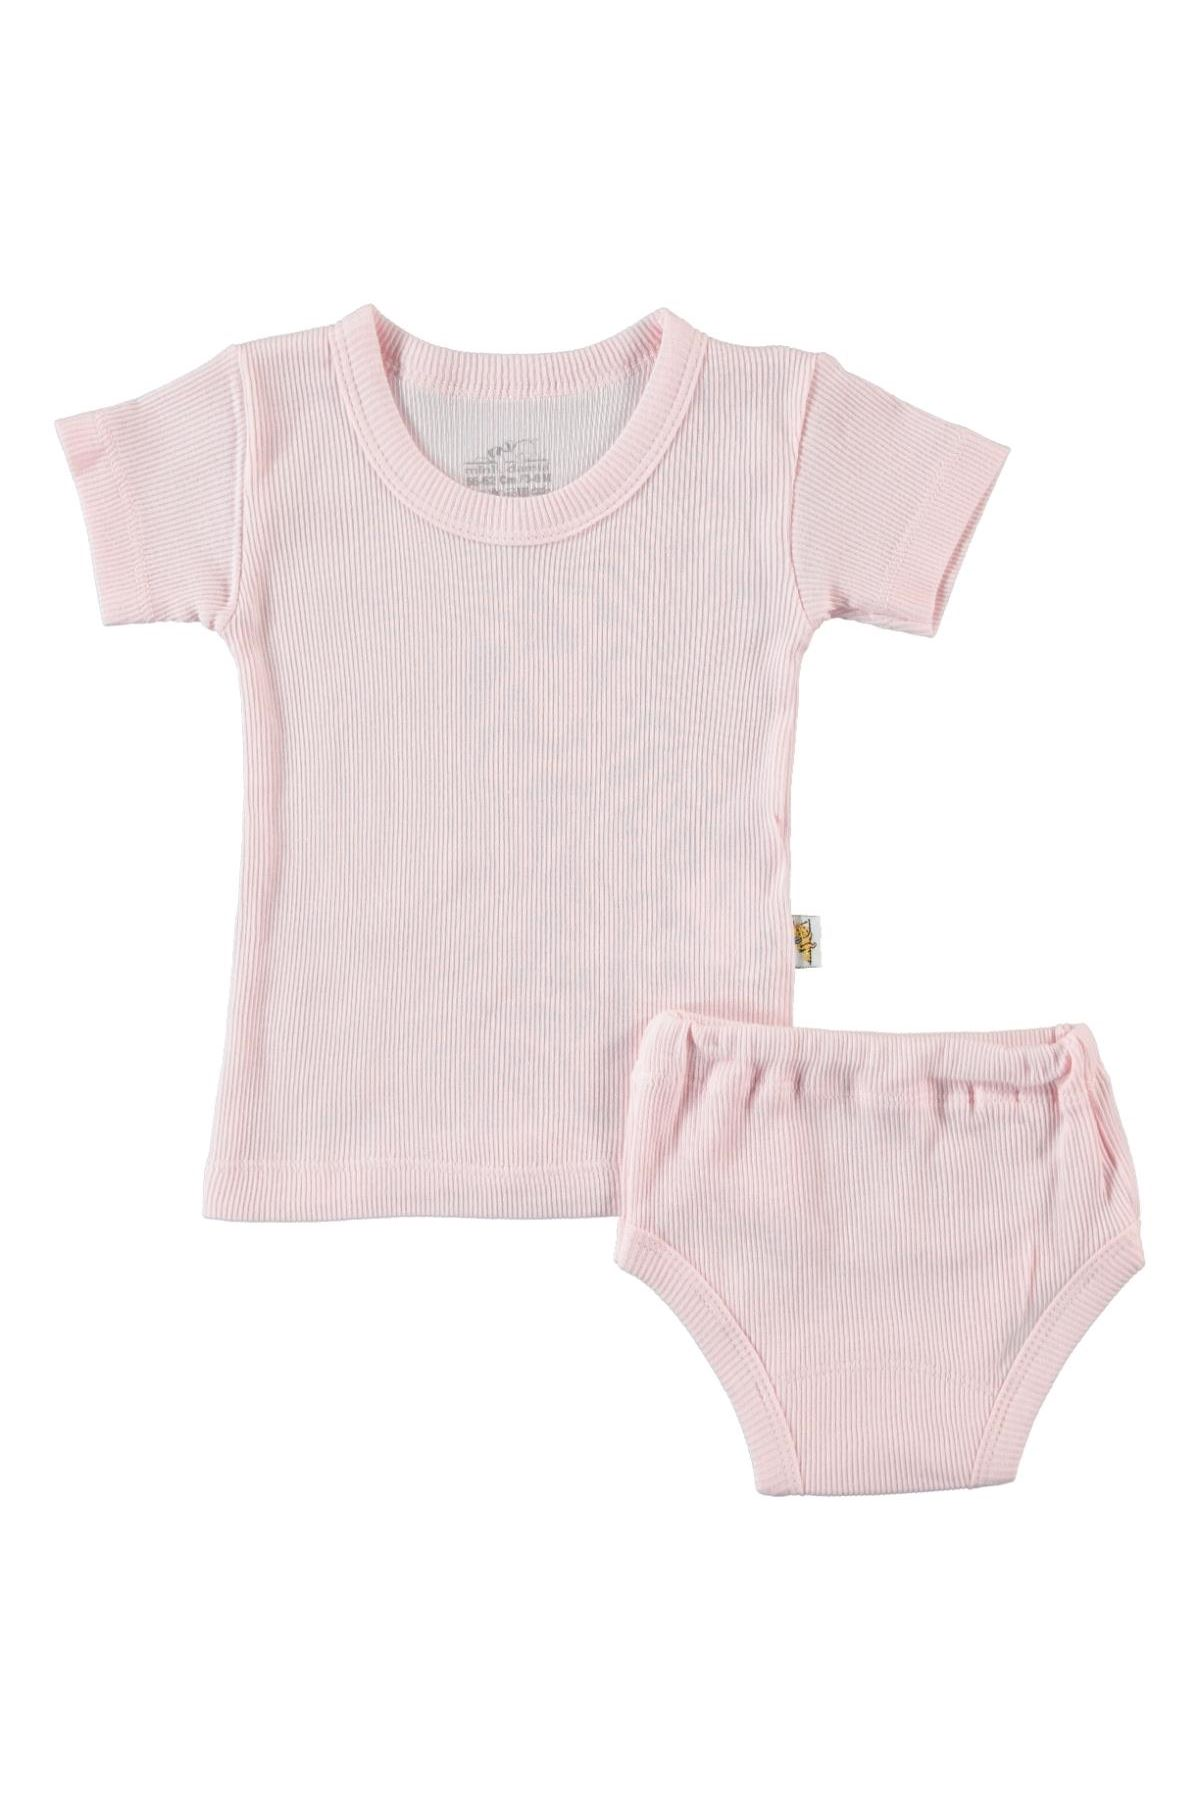 Albimini Minidamla Kaşkorse Bebe Kısa Kol Çamaşır Takımı 42769 Pembe